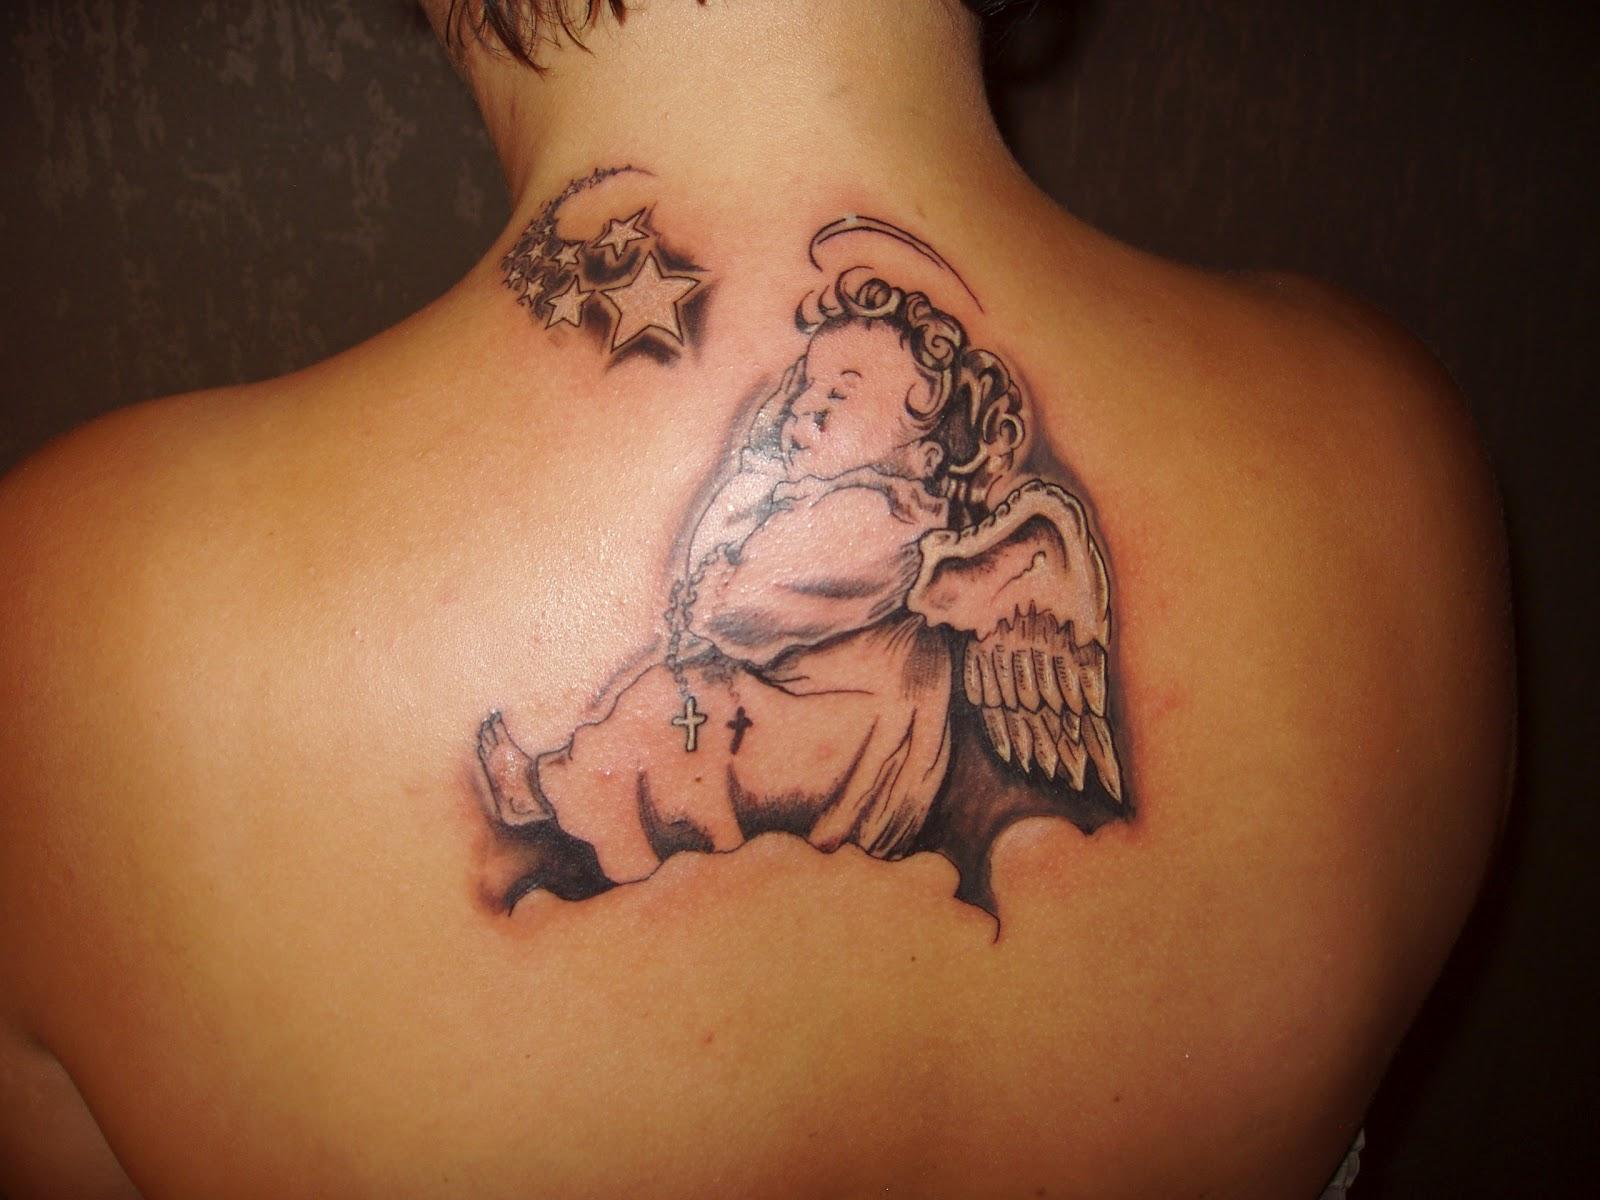 tatouage chapelet poignet - 53 Tatouages des chapelets formidables Tatouagesfr